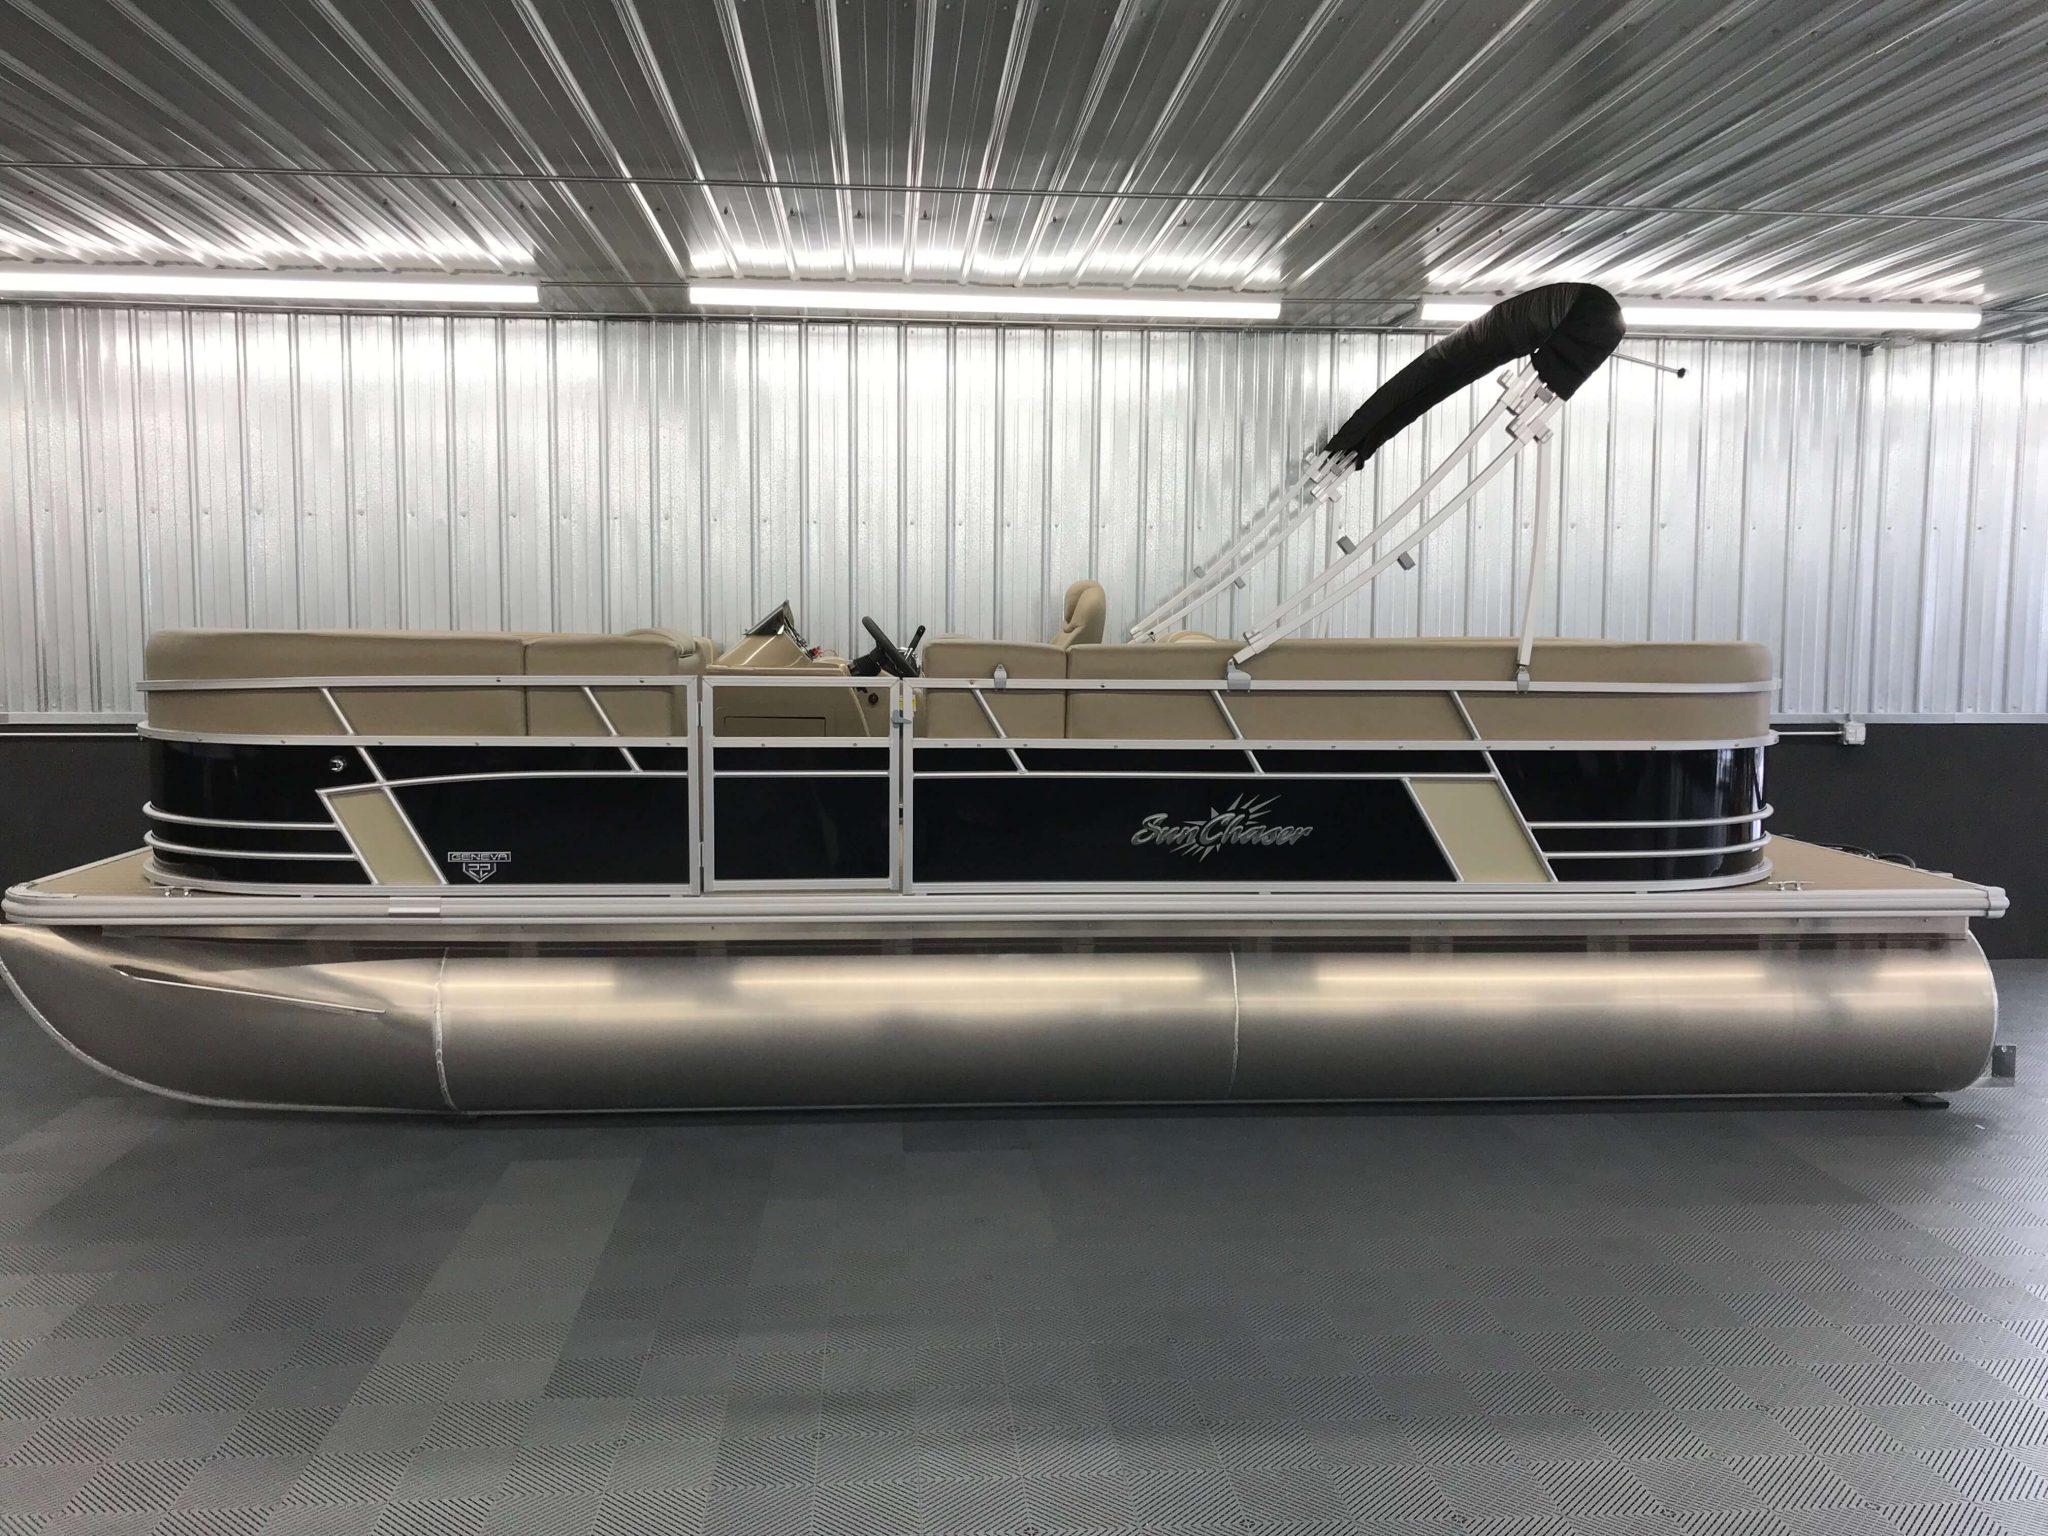 2019 SunChaser Geneva 22 LR Black 7